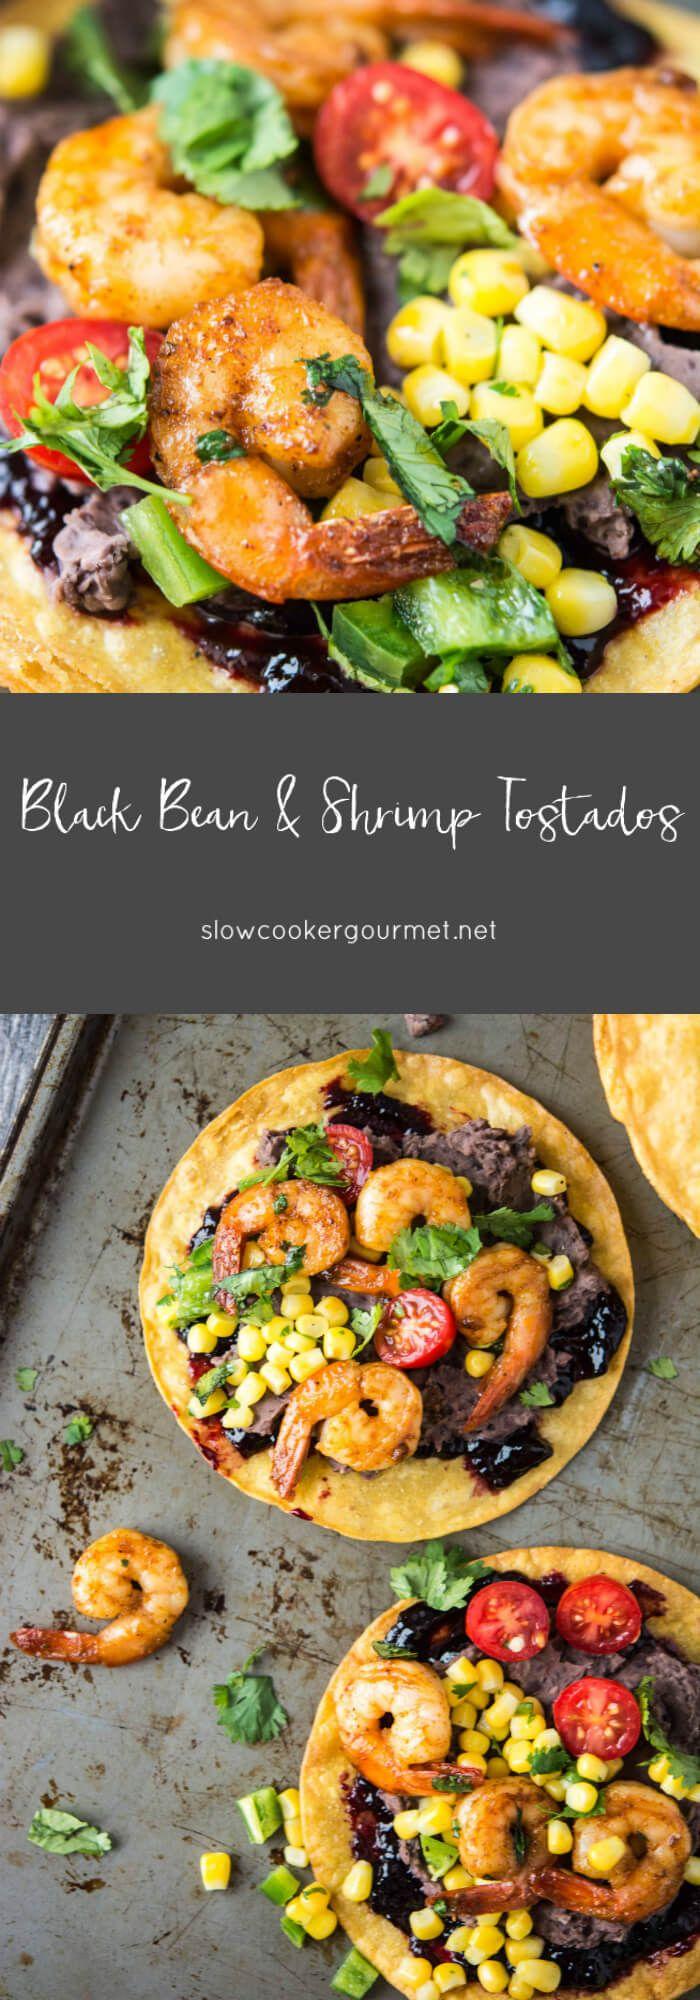 Black Bean and Shrimp Tostadas